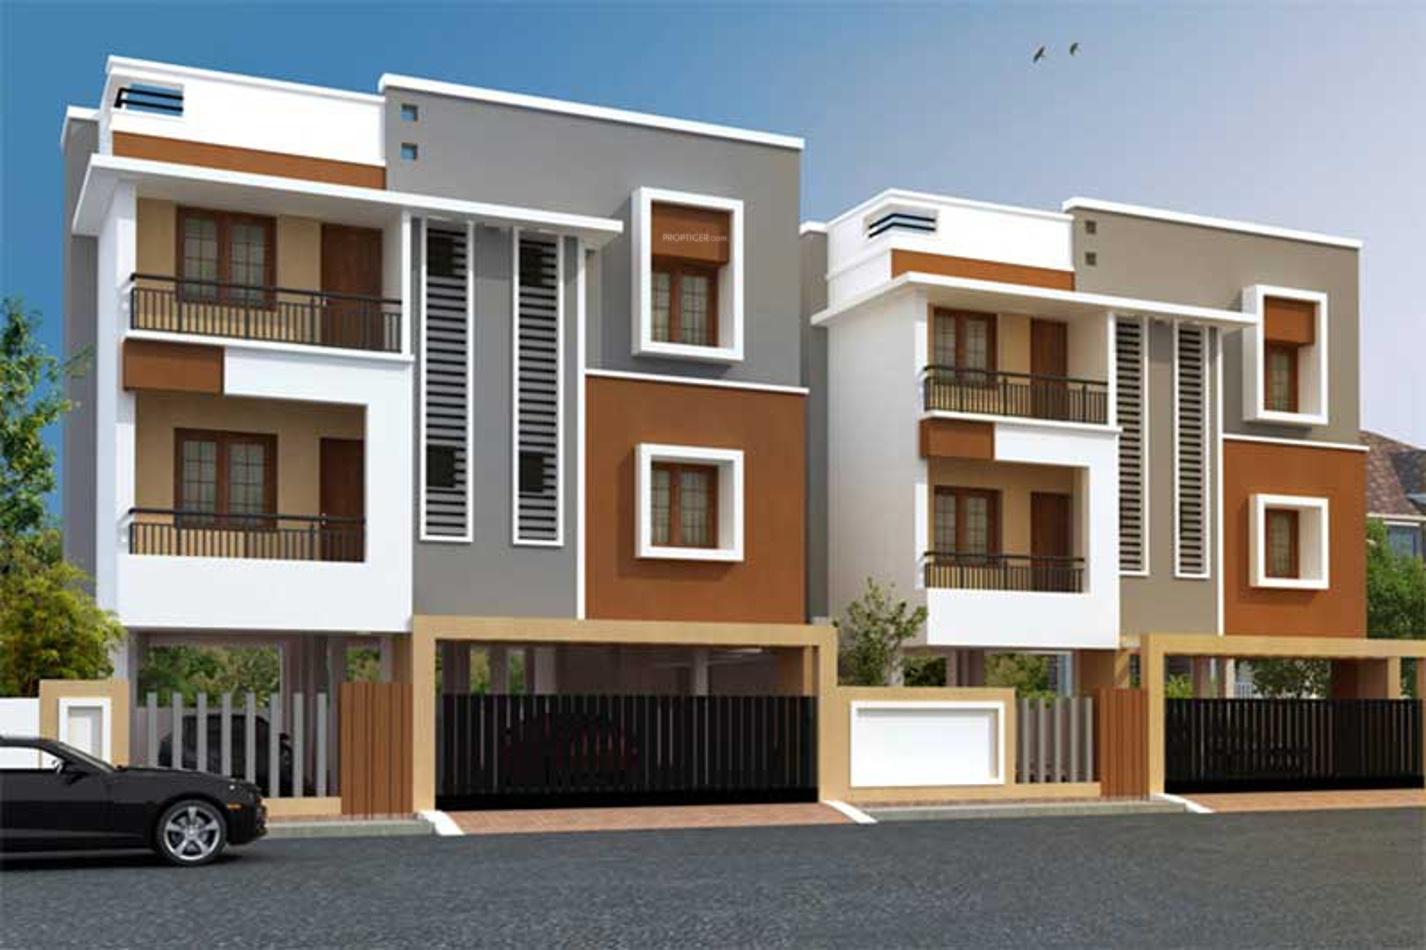 2 Floor Apartment Elevation : Sq ft bhk t apartment for sale in brownstone quartz